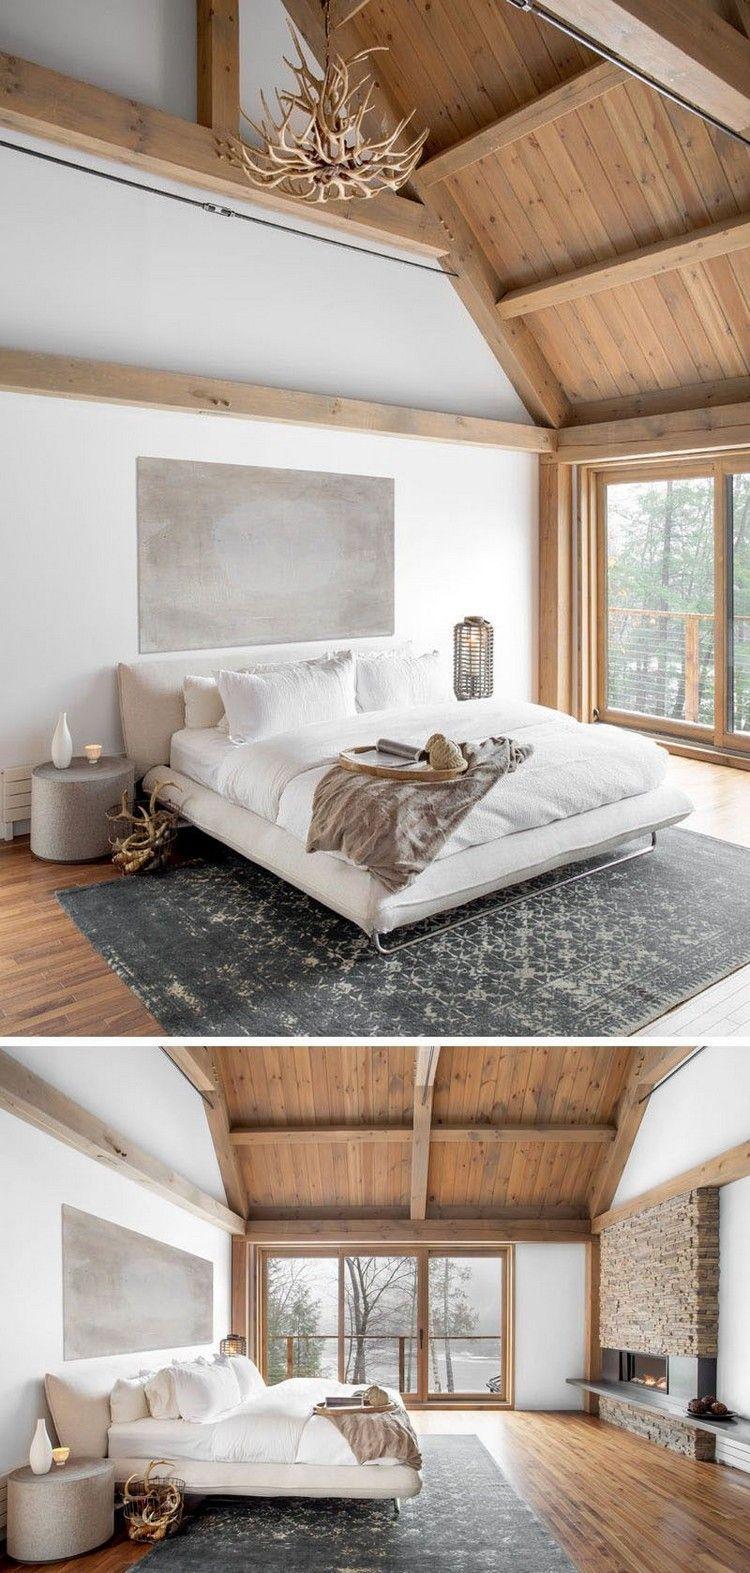 Einrichtungsidee Für Schlafzimmer Mit Dachschräge